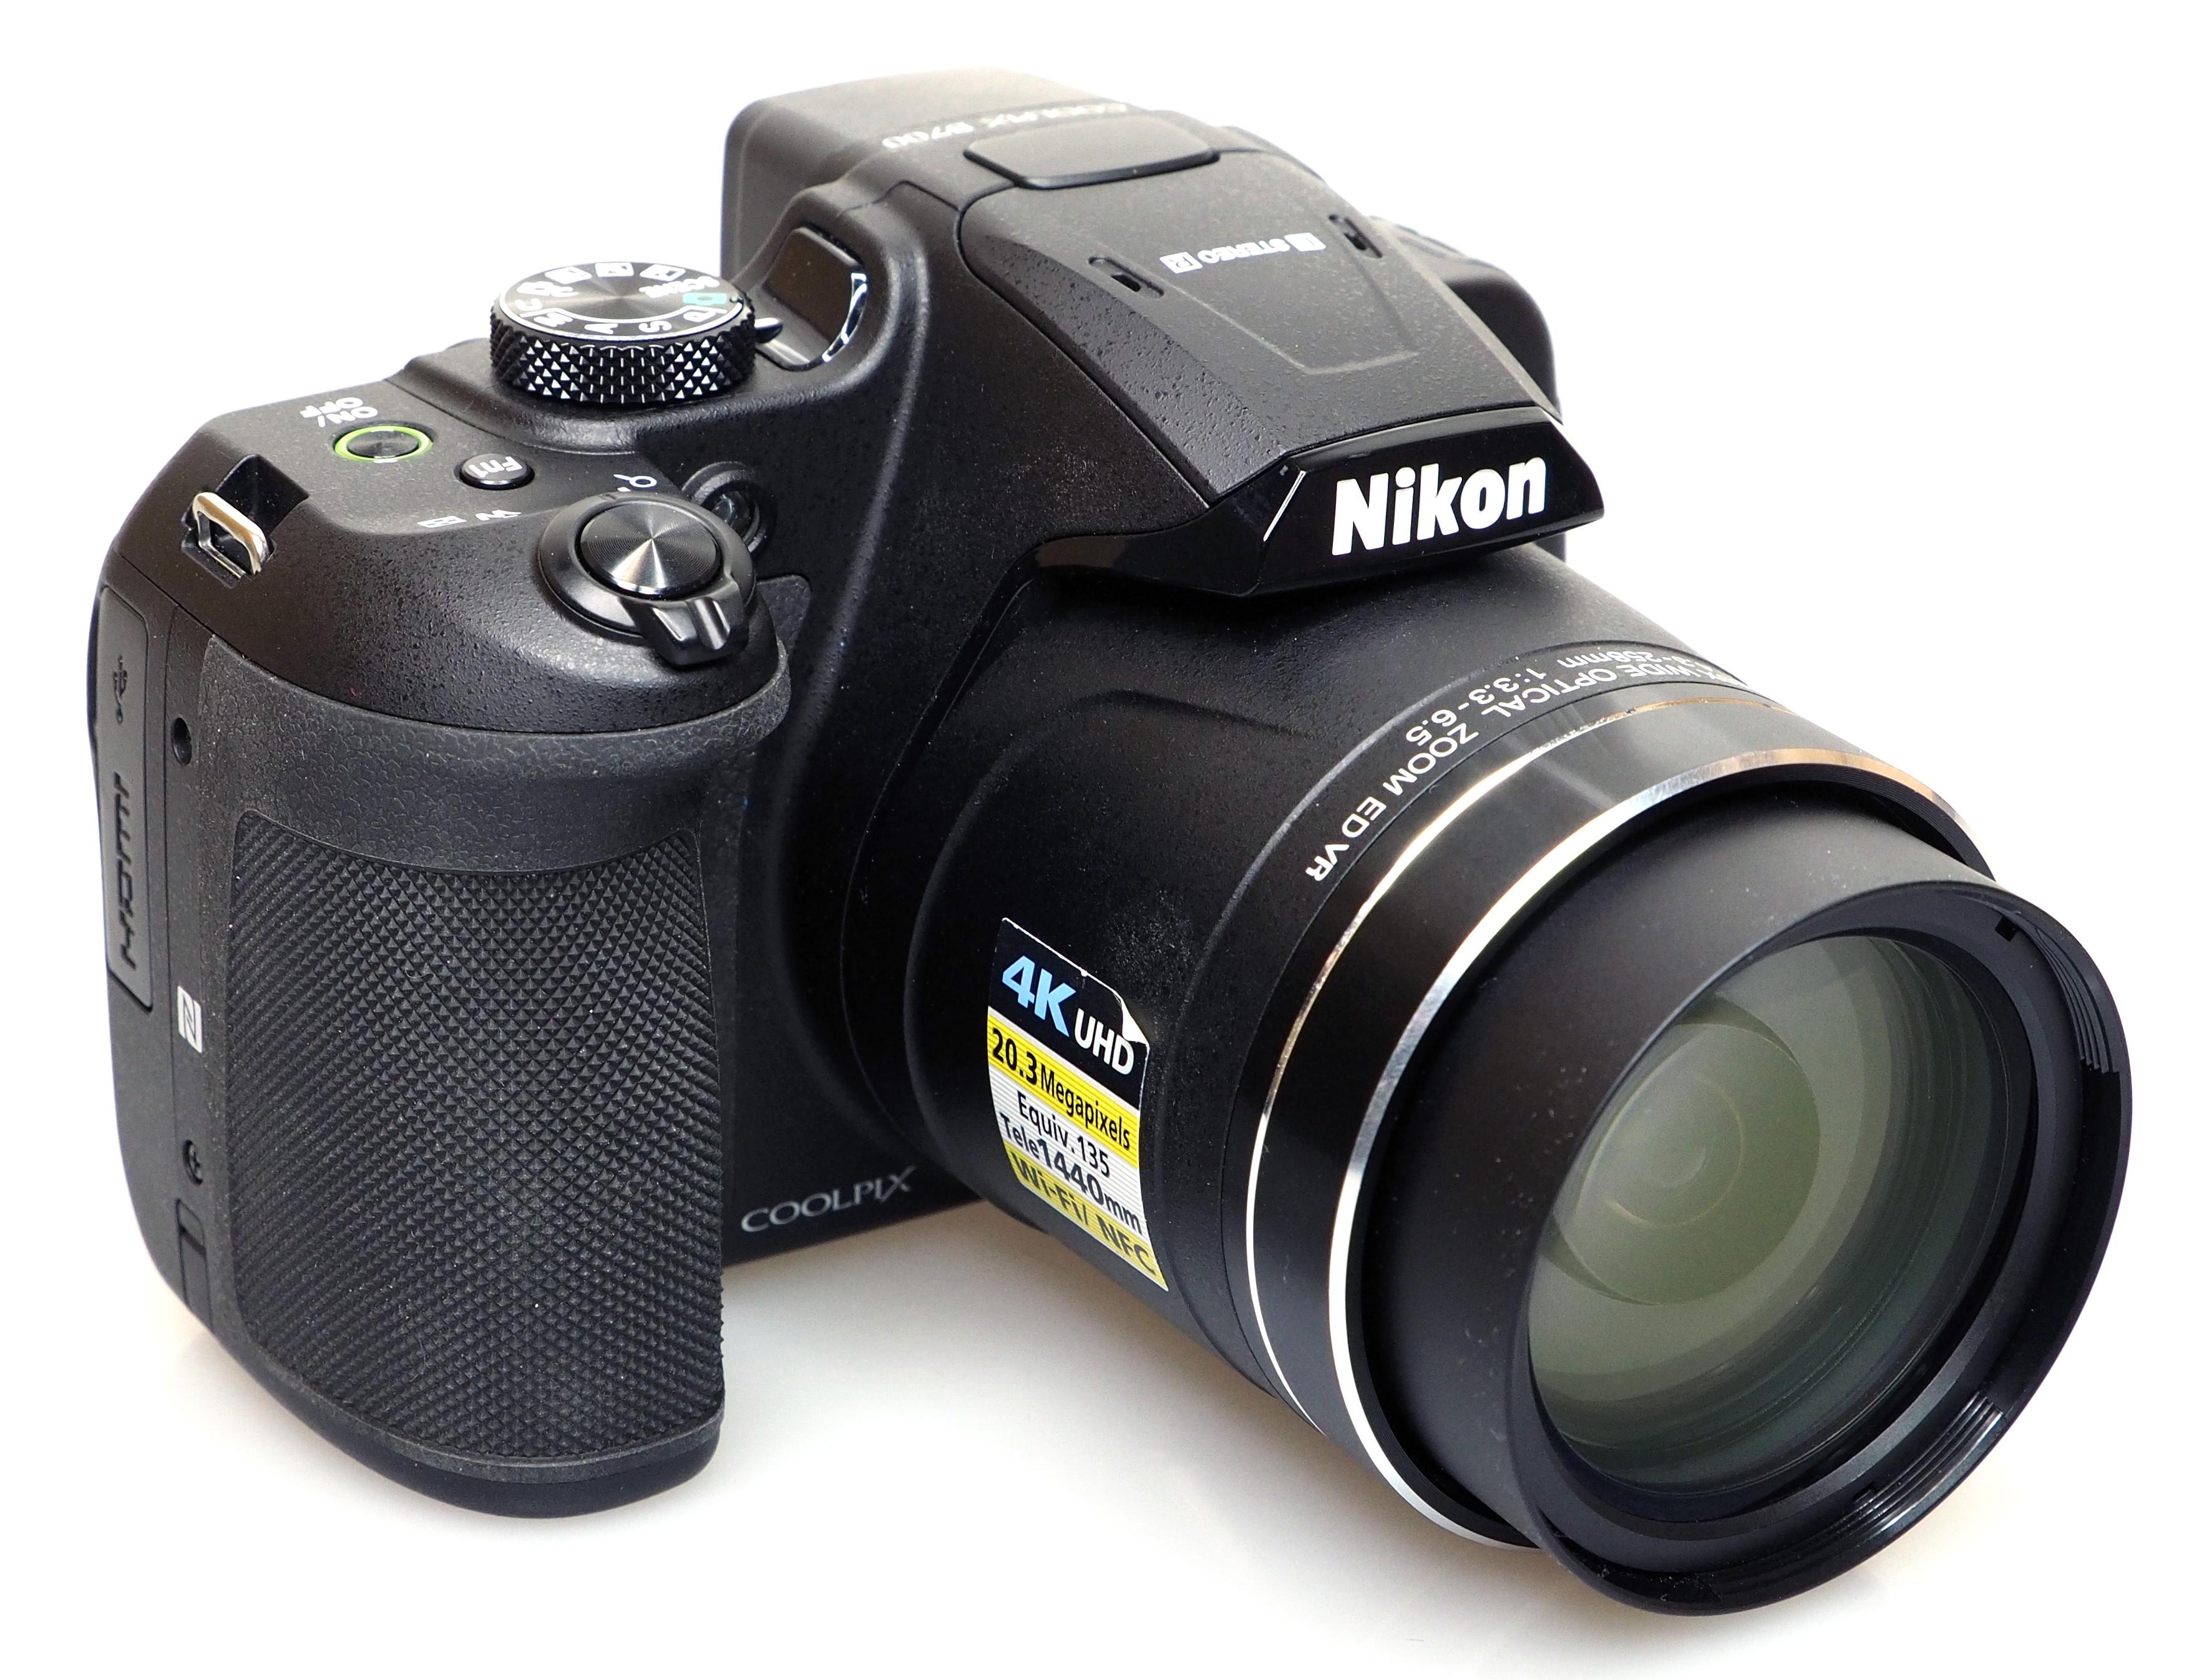 Nikon Coolpix B700 Review